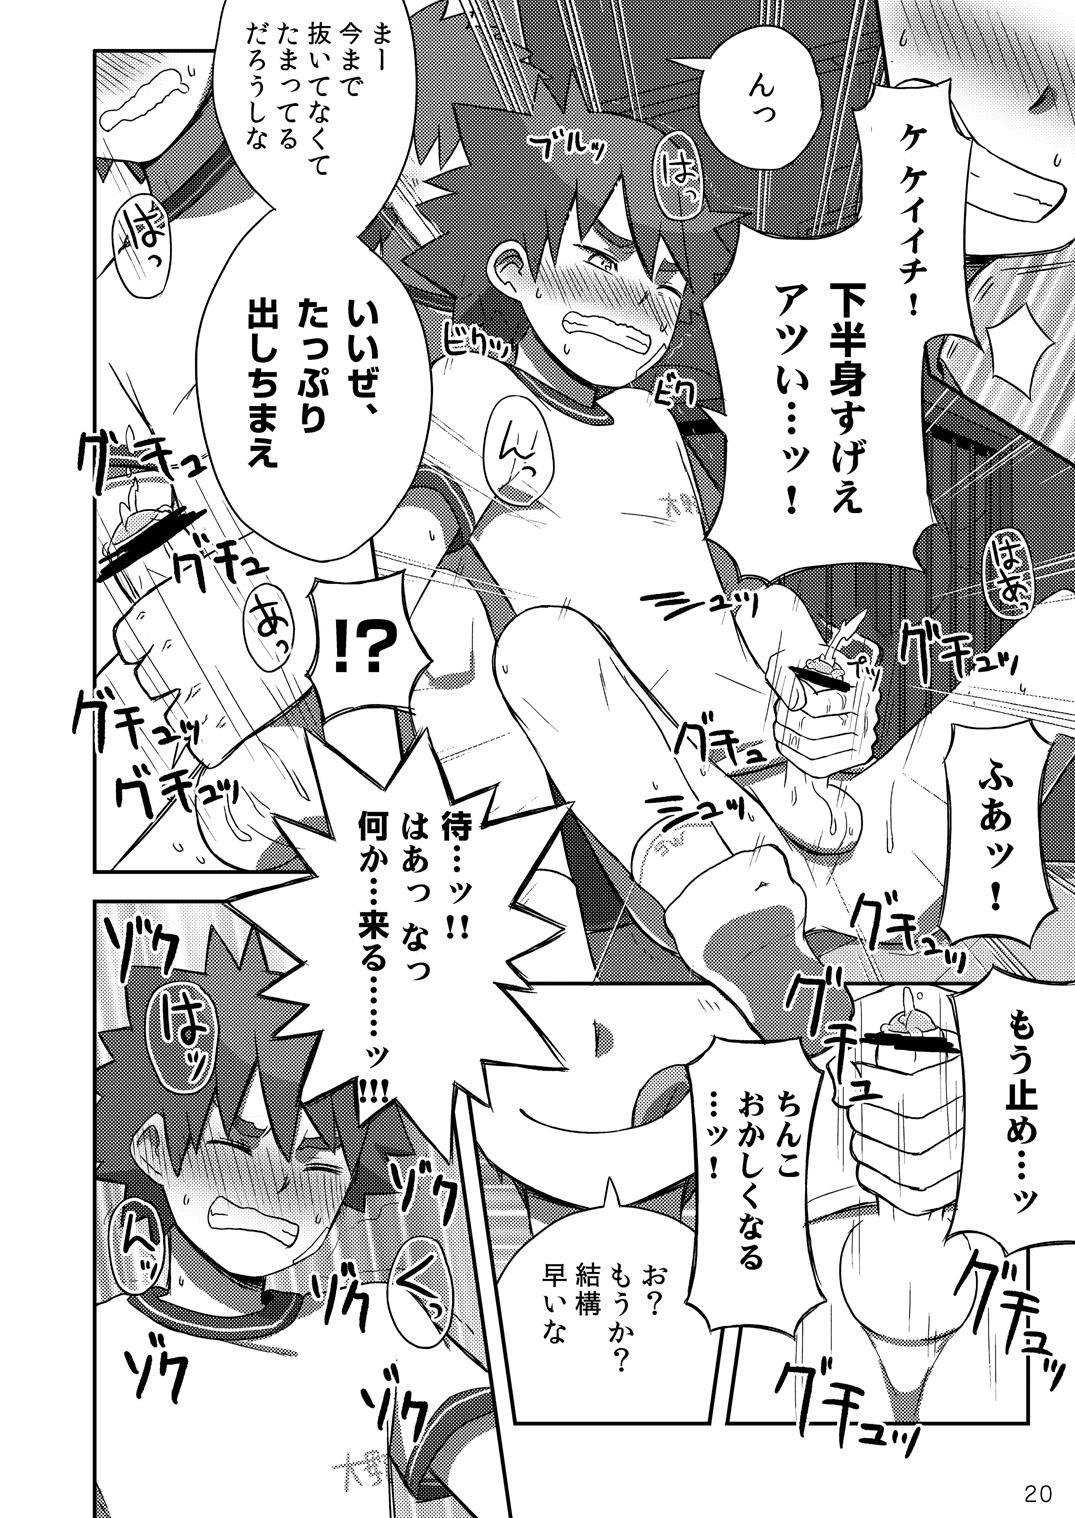 (Shota Scratch 18) [Drum-Kan (Kine)] Arashi-kun to Keiichi-kun. 19